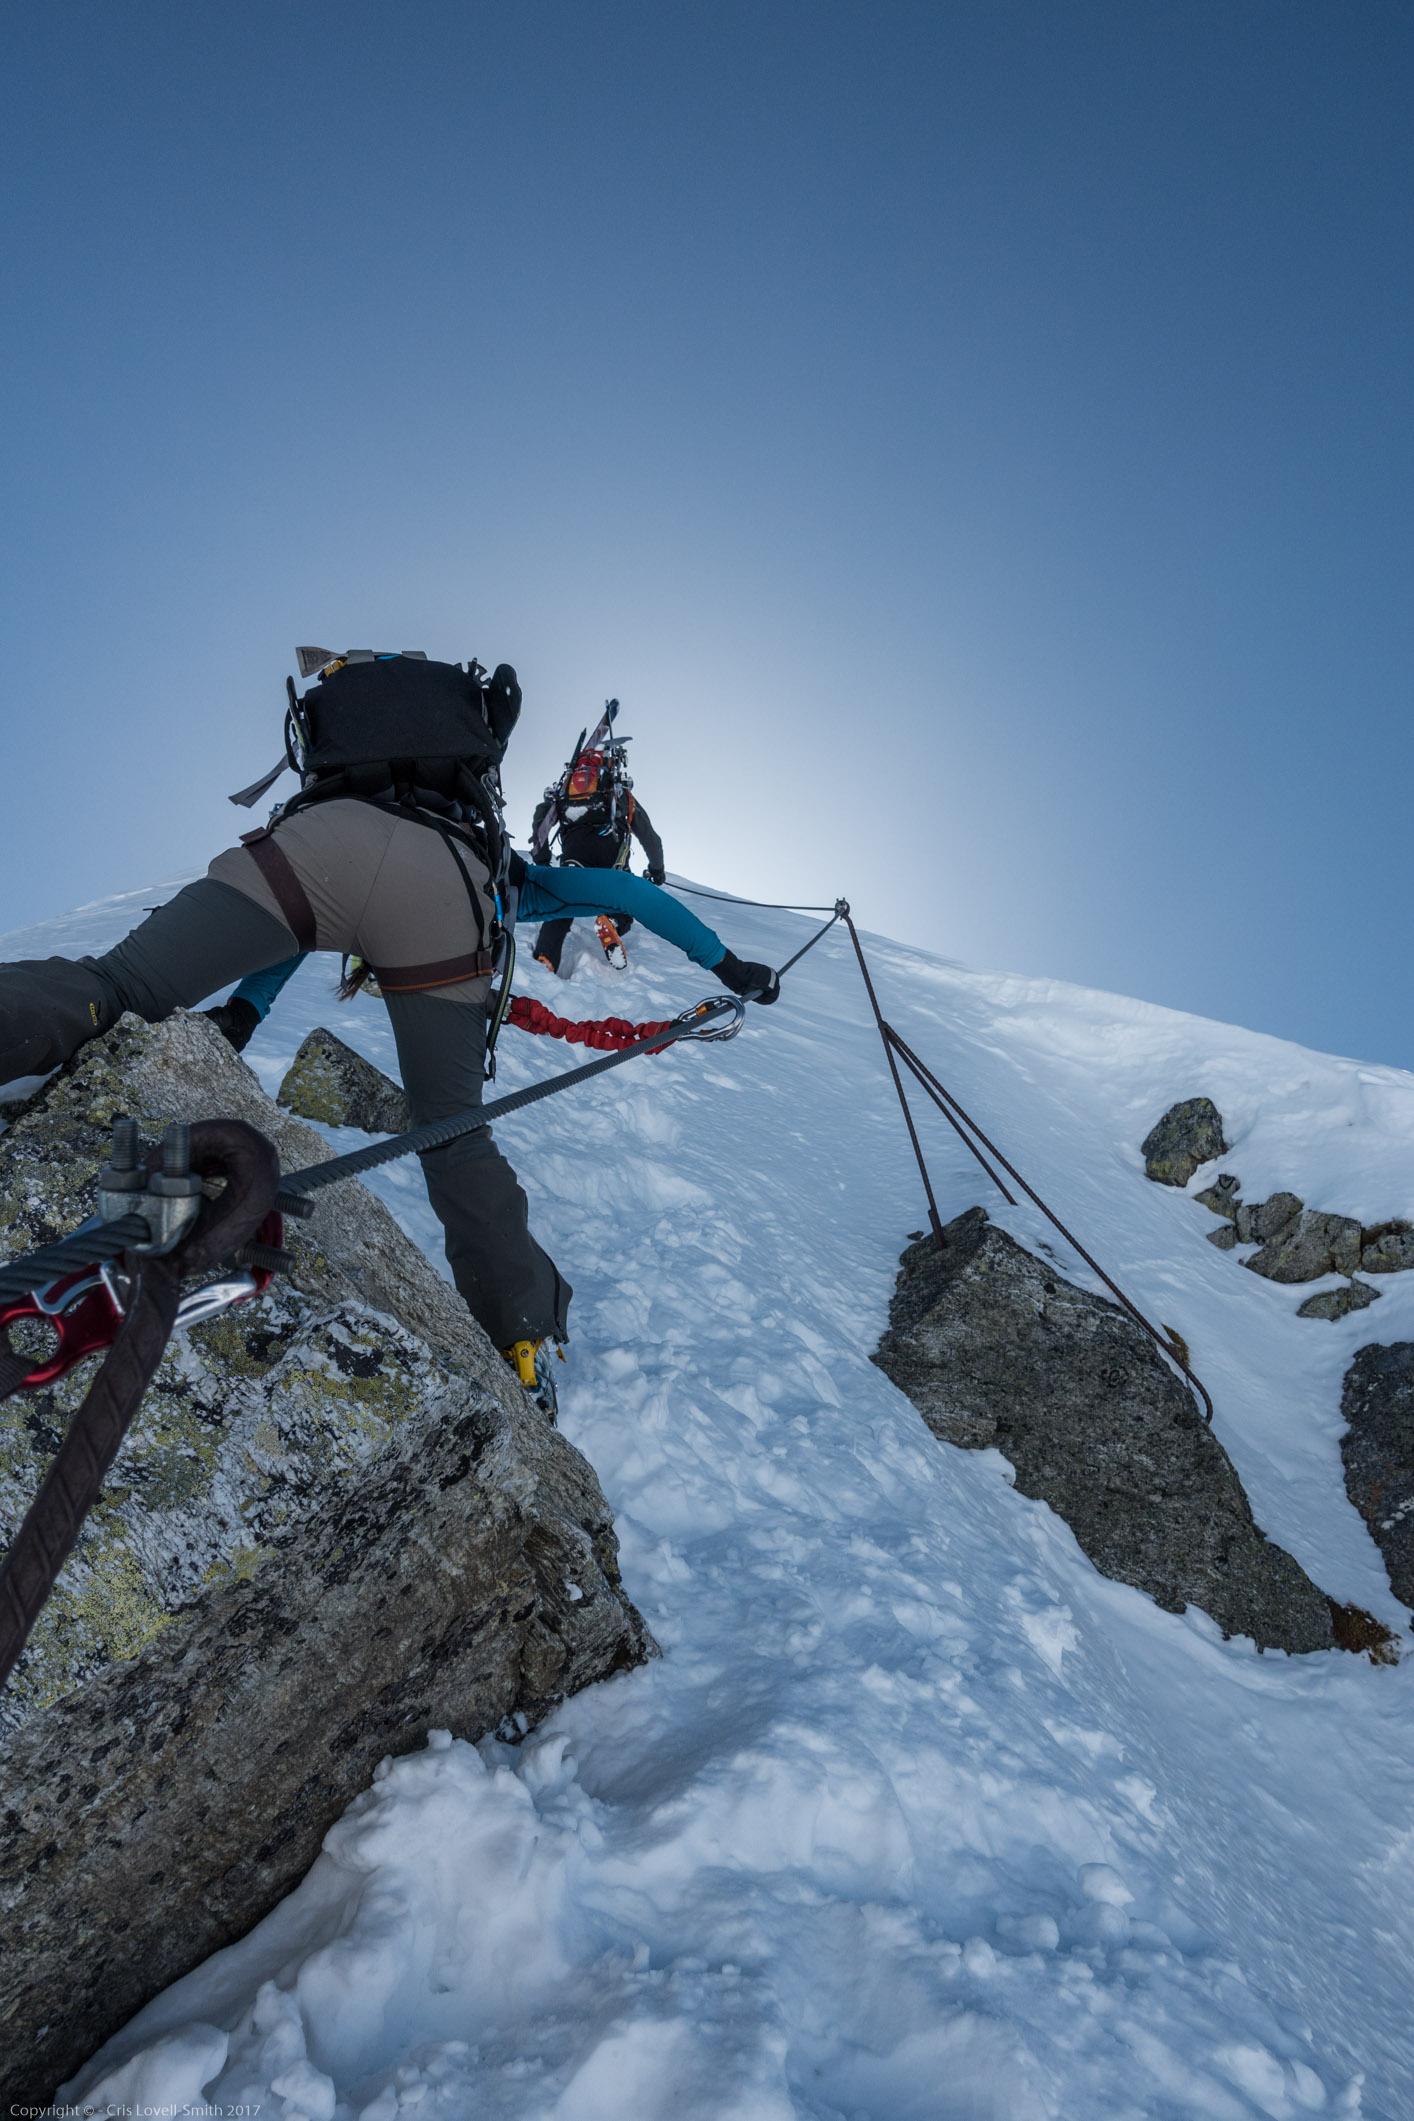 Steep (Arlberger Winterklettersteig March 2017)